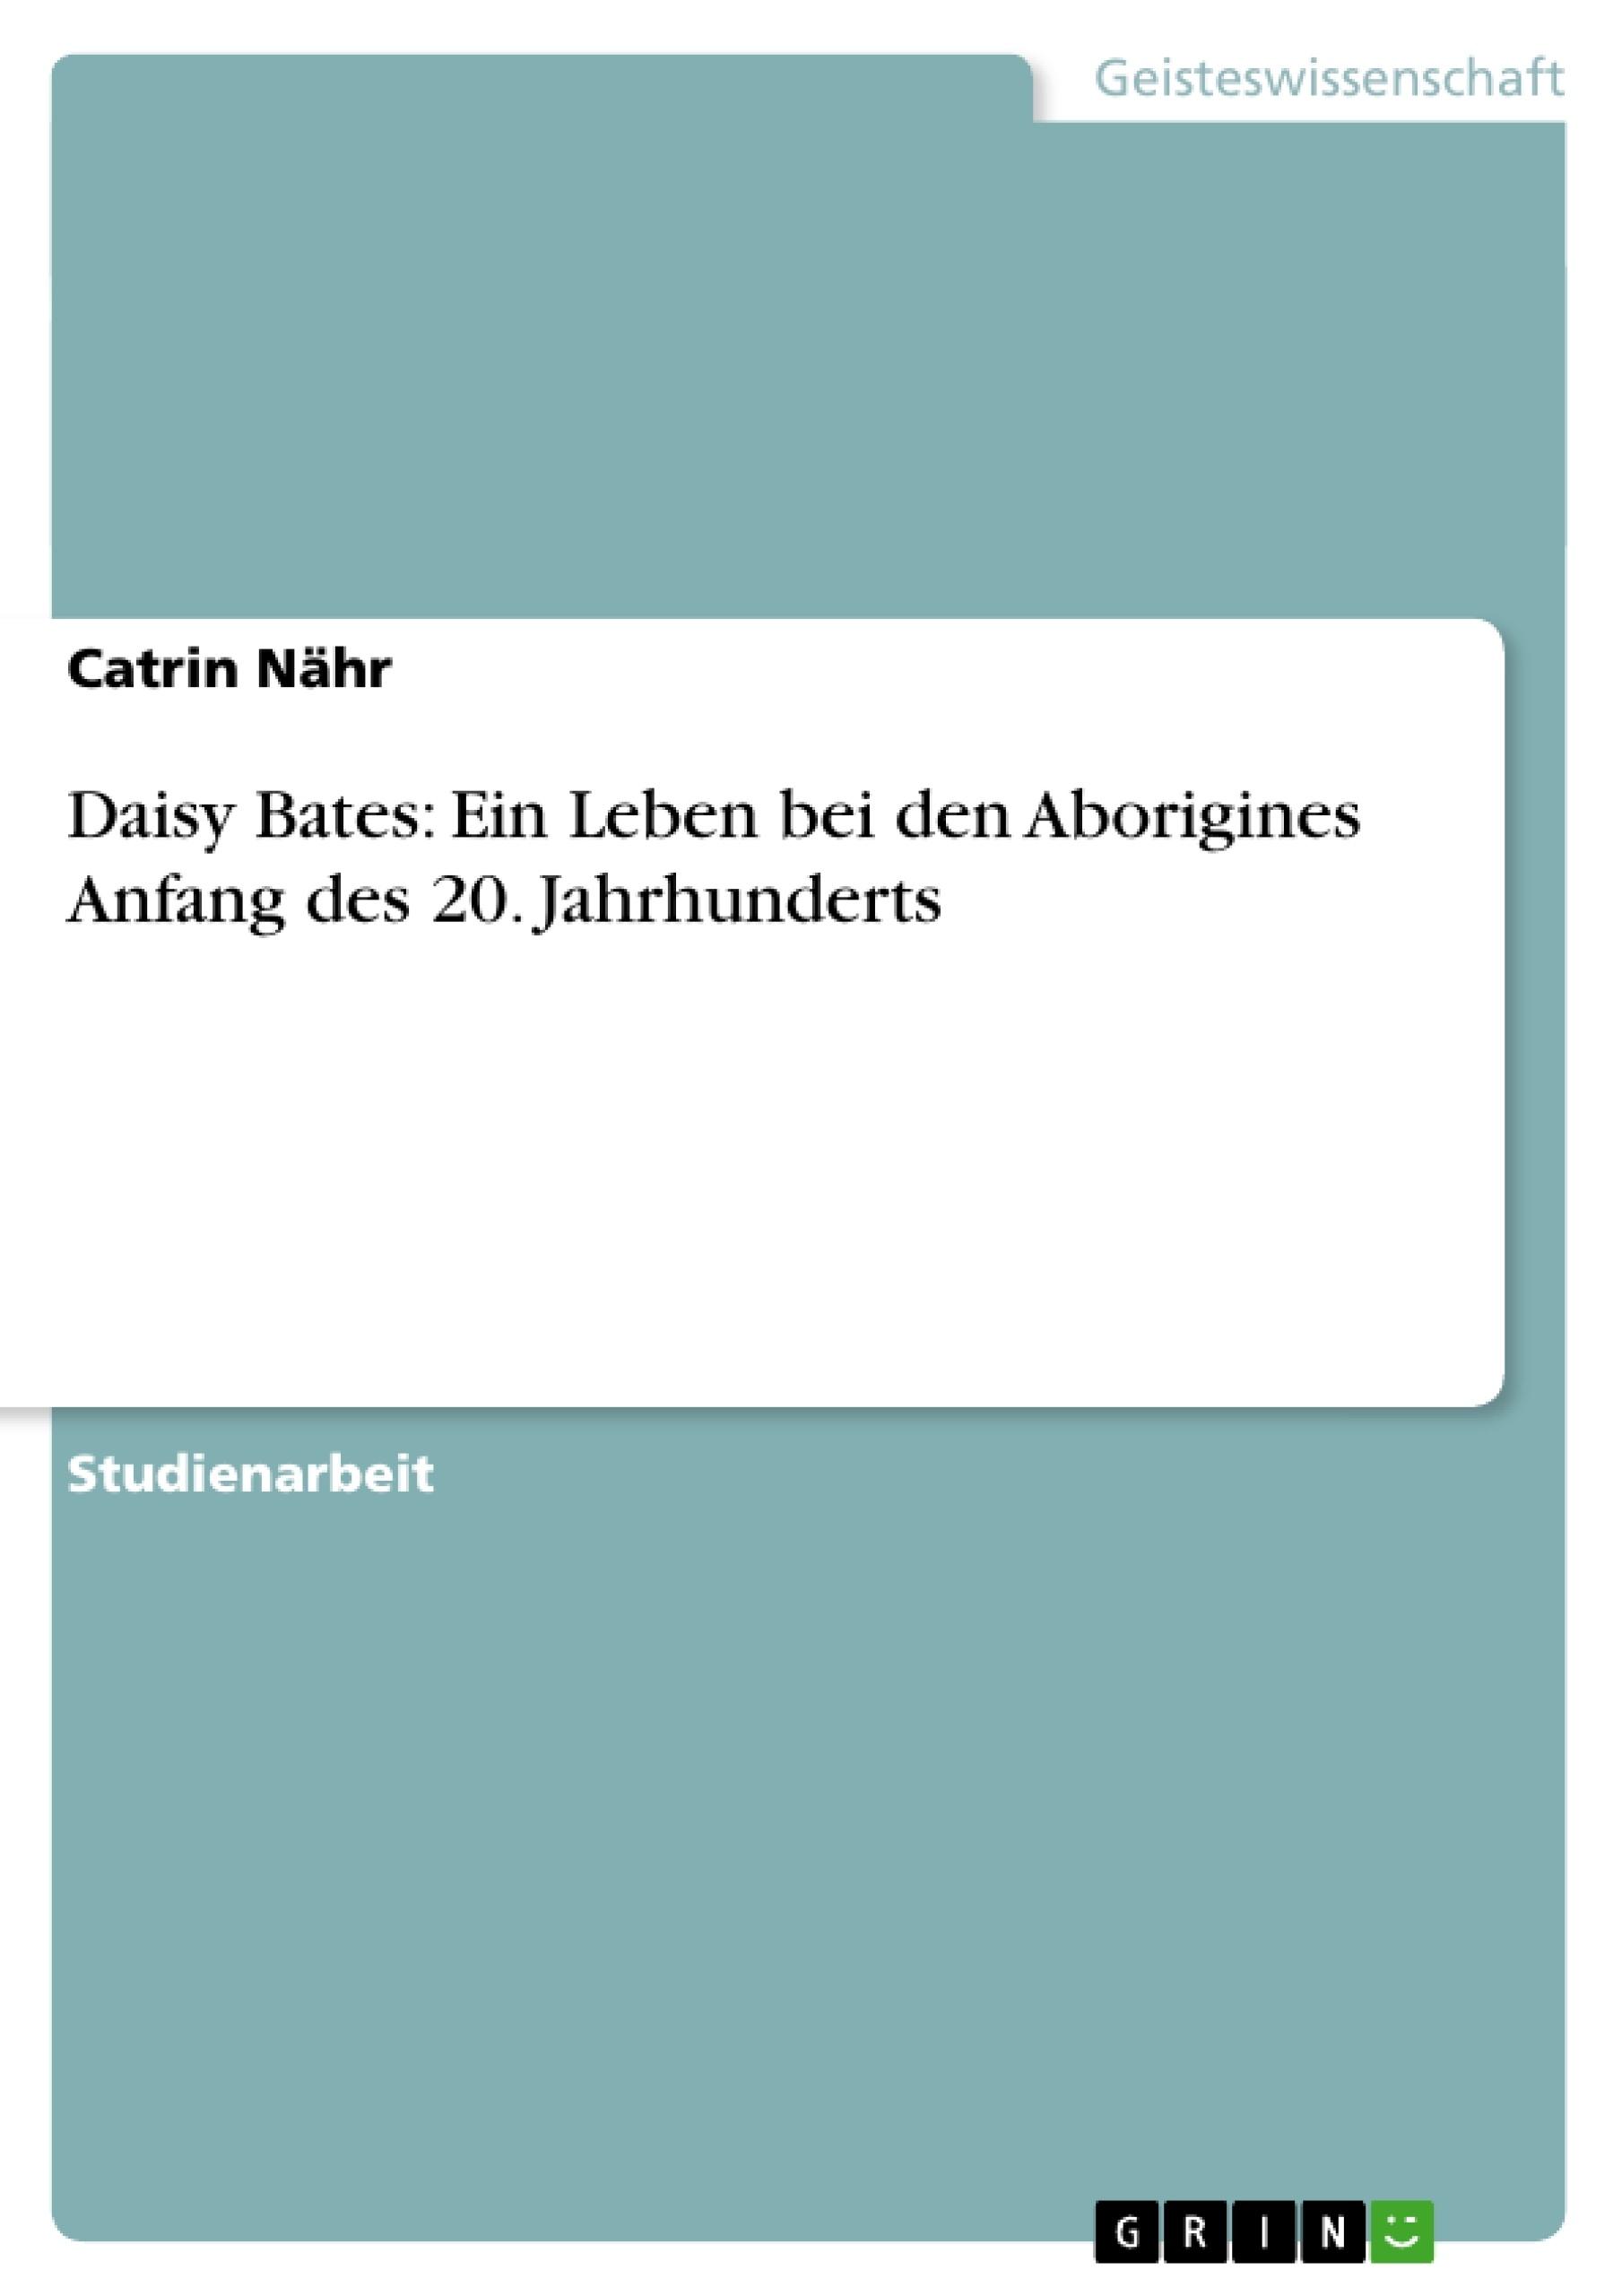 Titel: Daisy Bates: Ein Leben bei den Aborigines Anfang des 20. Jahrhunderts